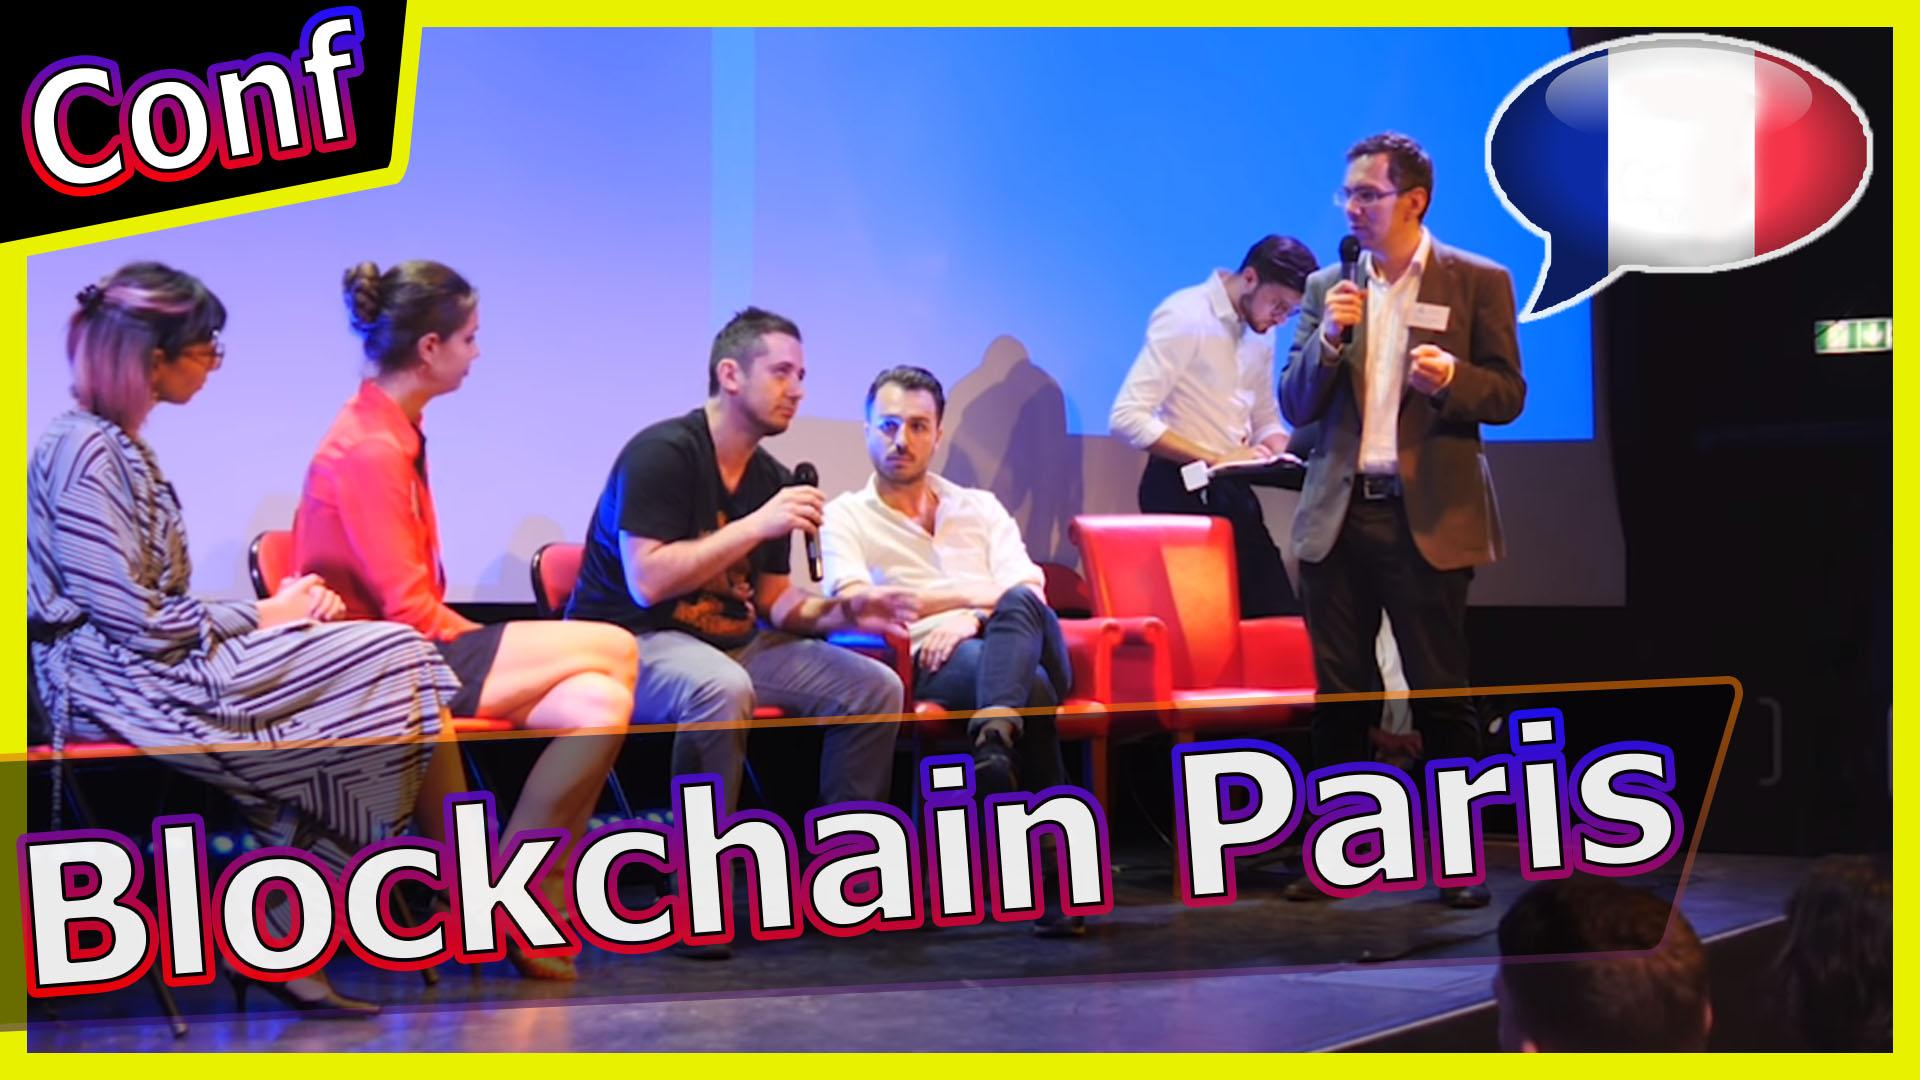 Conférence internationale Crypto Blockchain à Paris 5 juillet 2018 [Français]